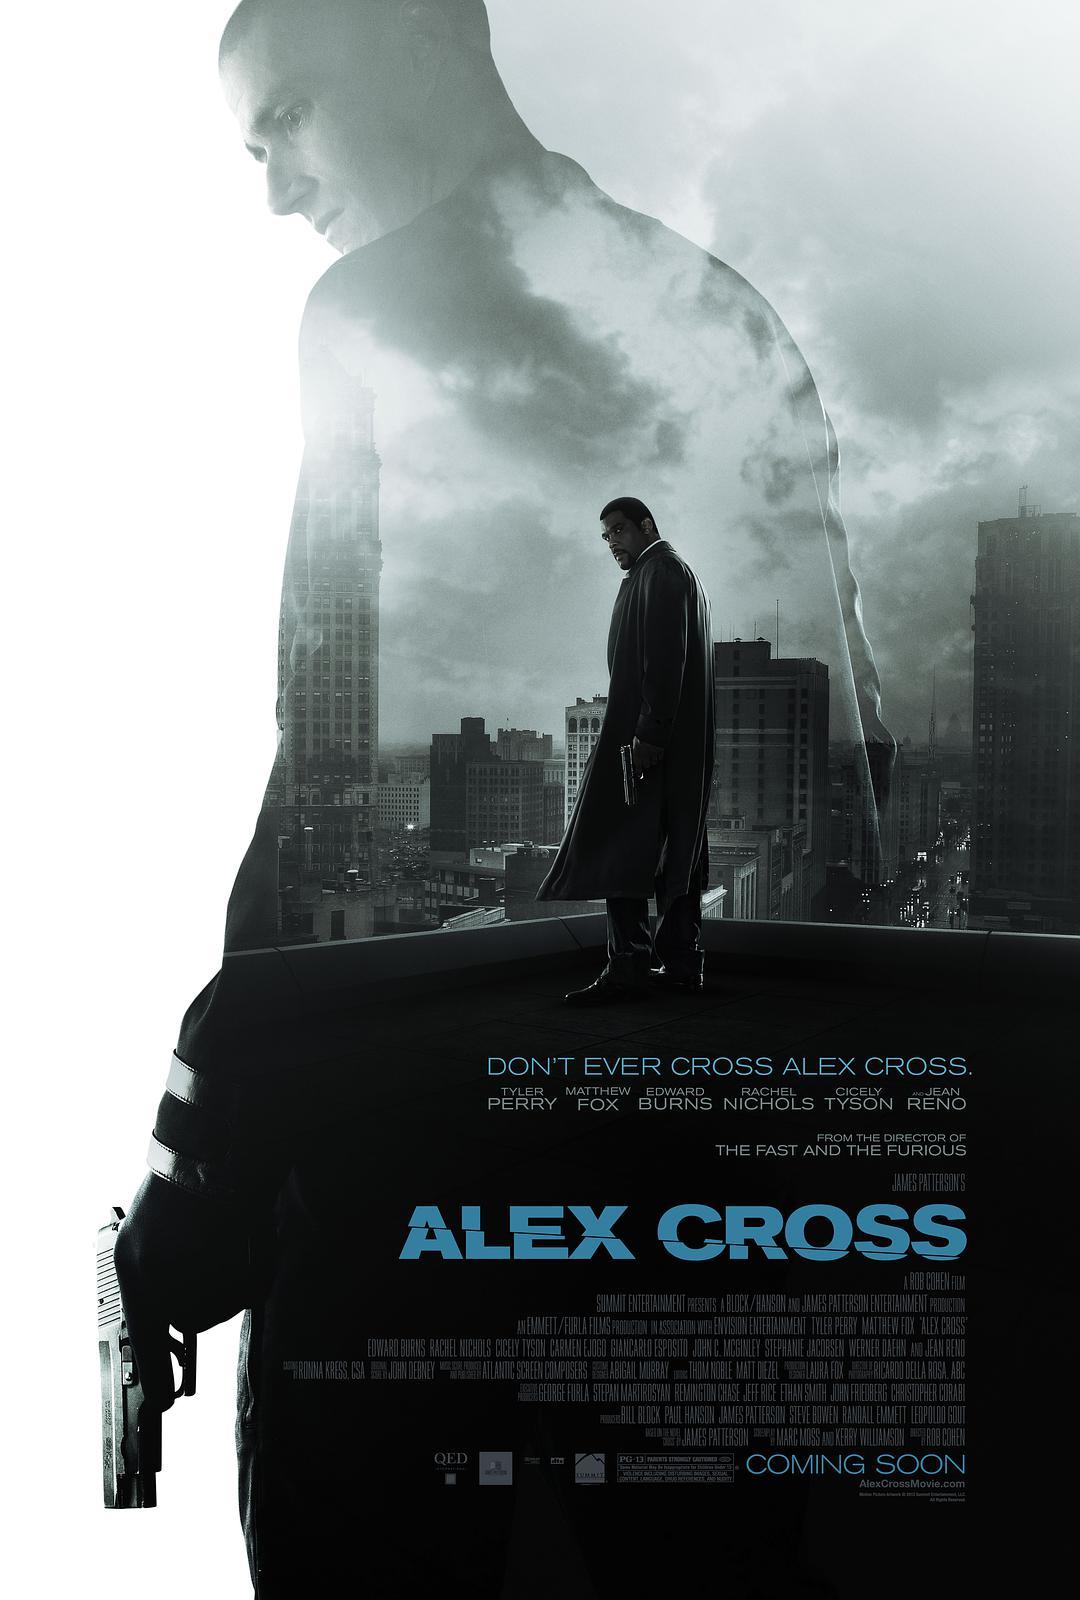 亚历克斯·克洛斯